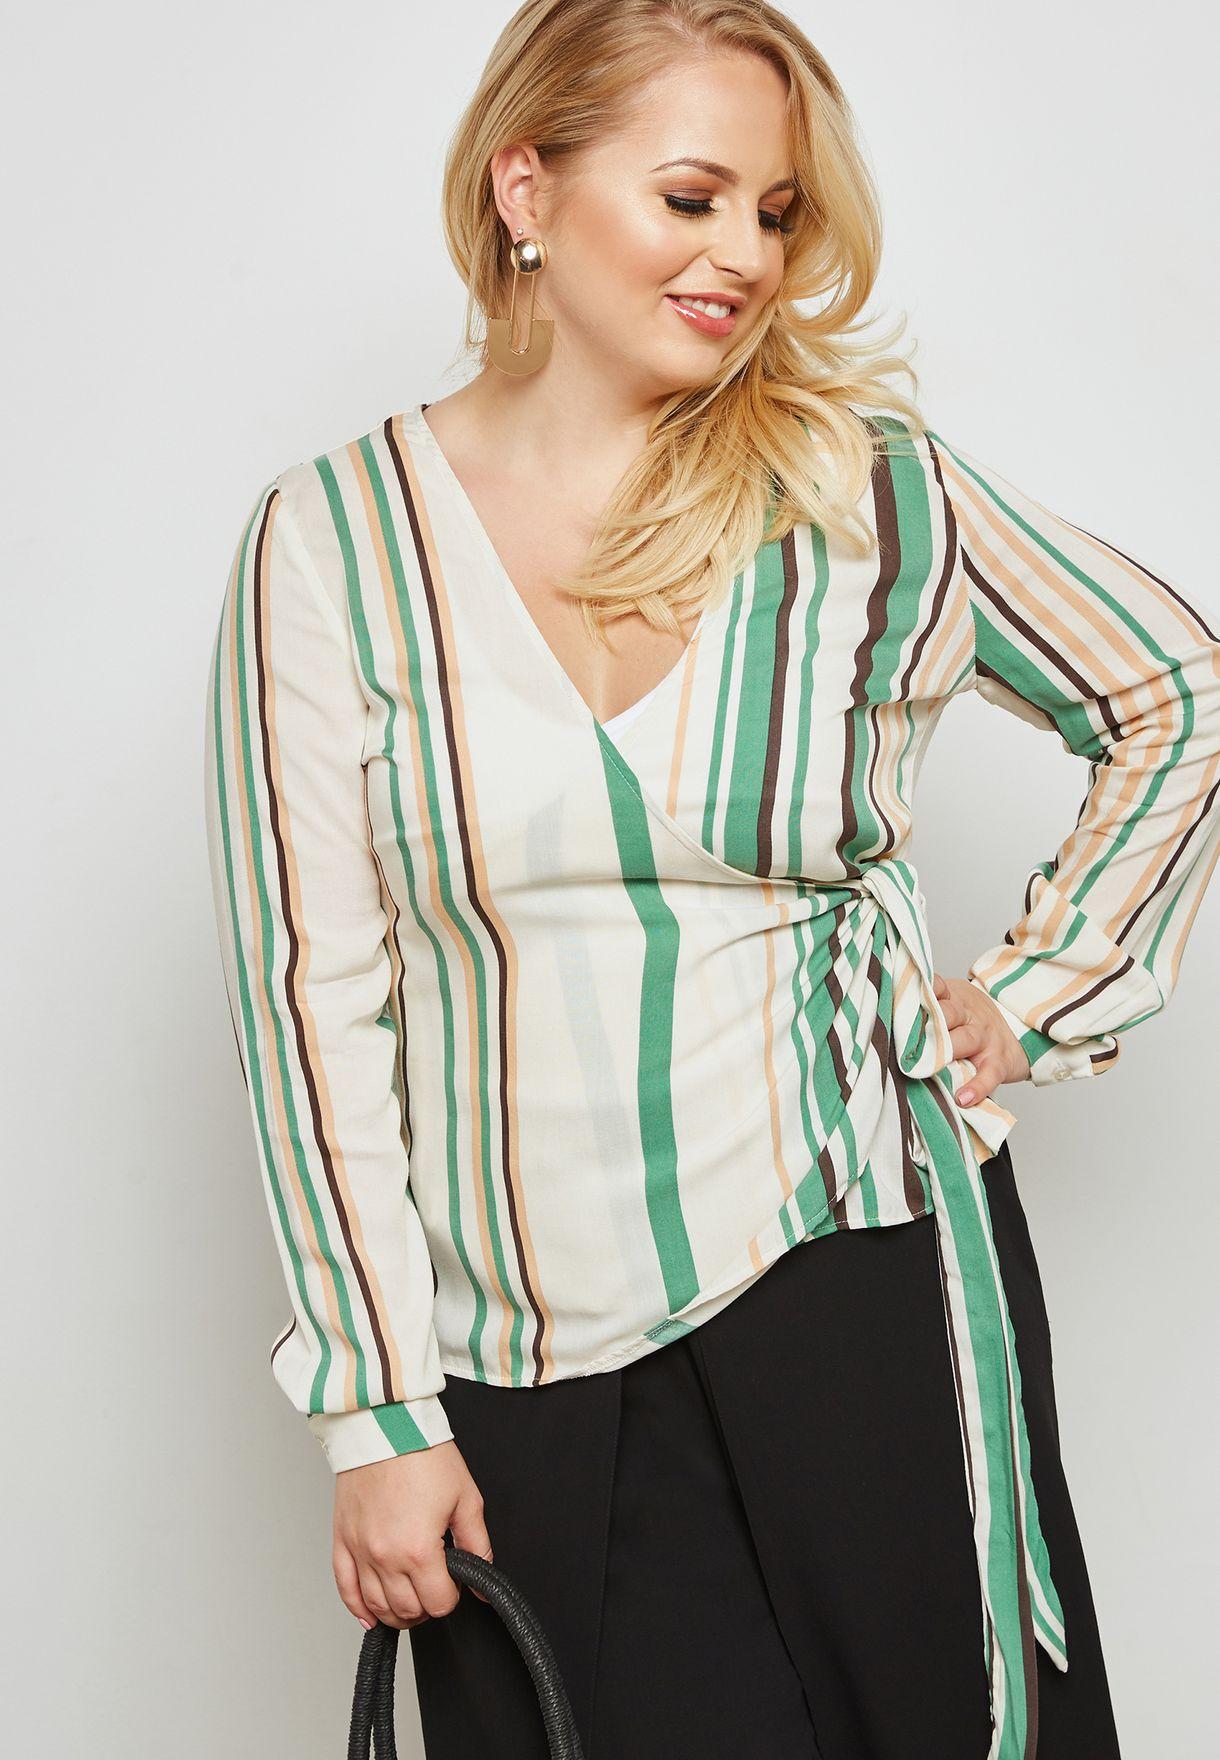 548fd818ceeae9 Shop Missguided Curve prints Striped Wrap Tie Waist Top WXV9775870 ...